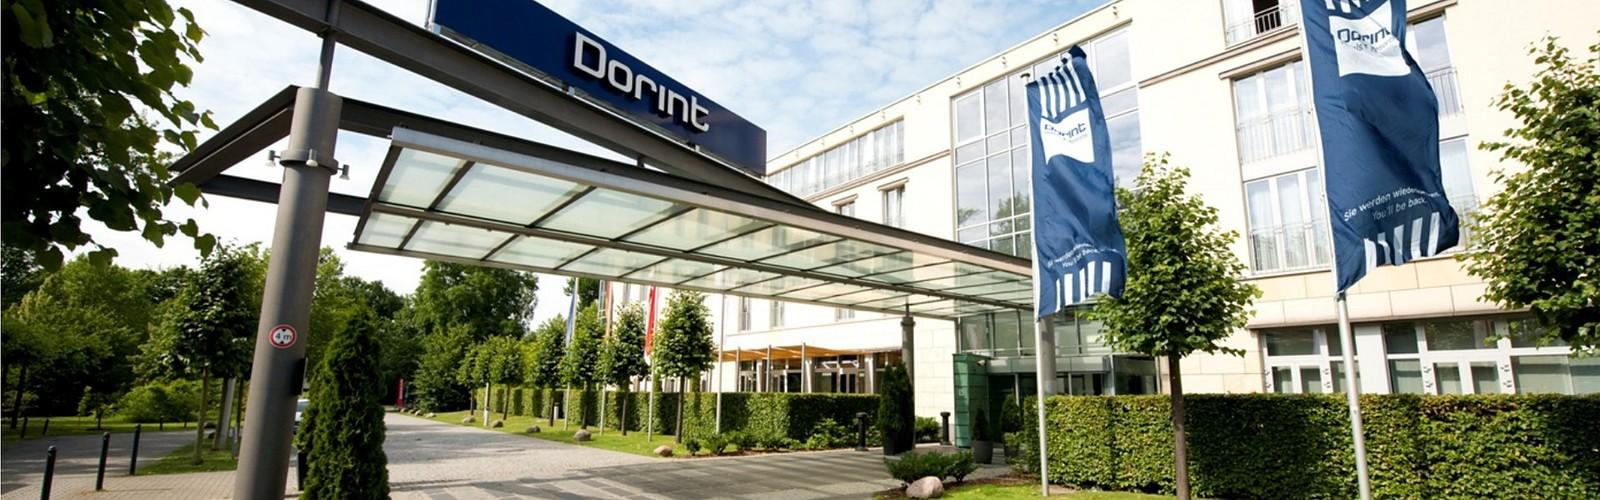 Dorint Hotel Potsdam - Außenansicht (c) Dorint Hotel